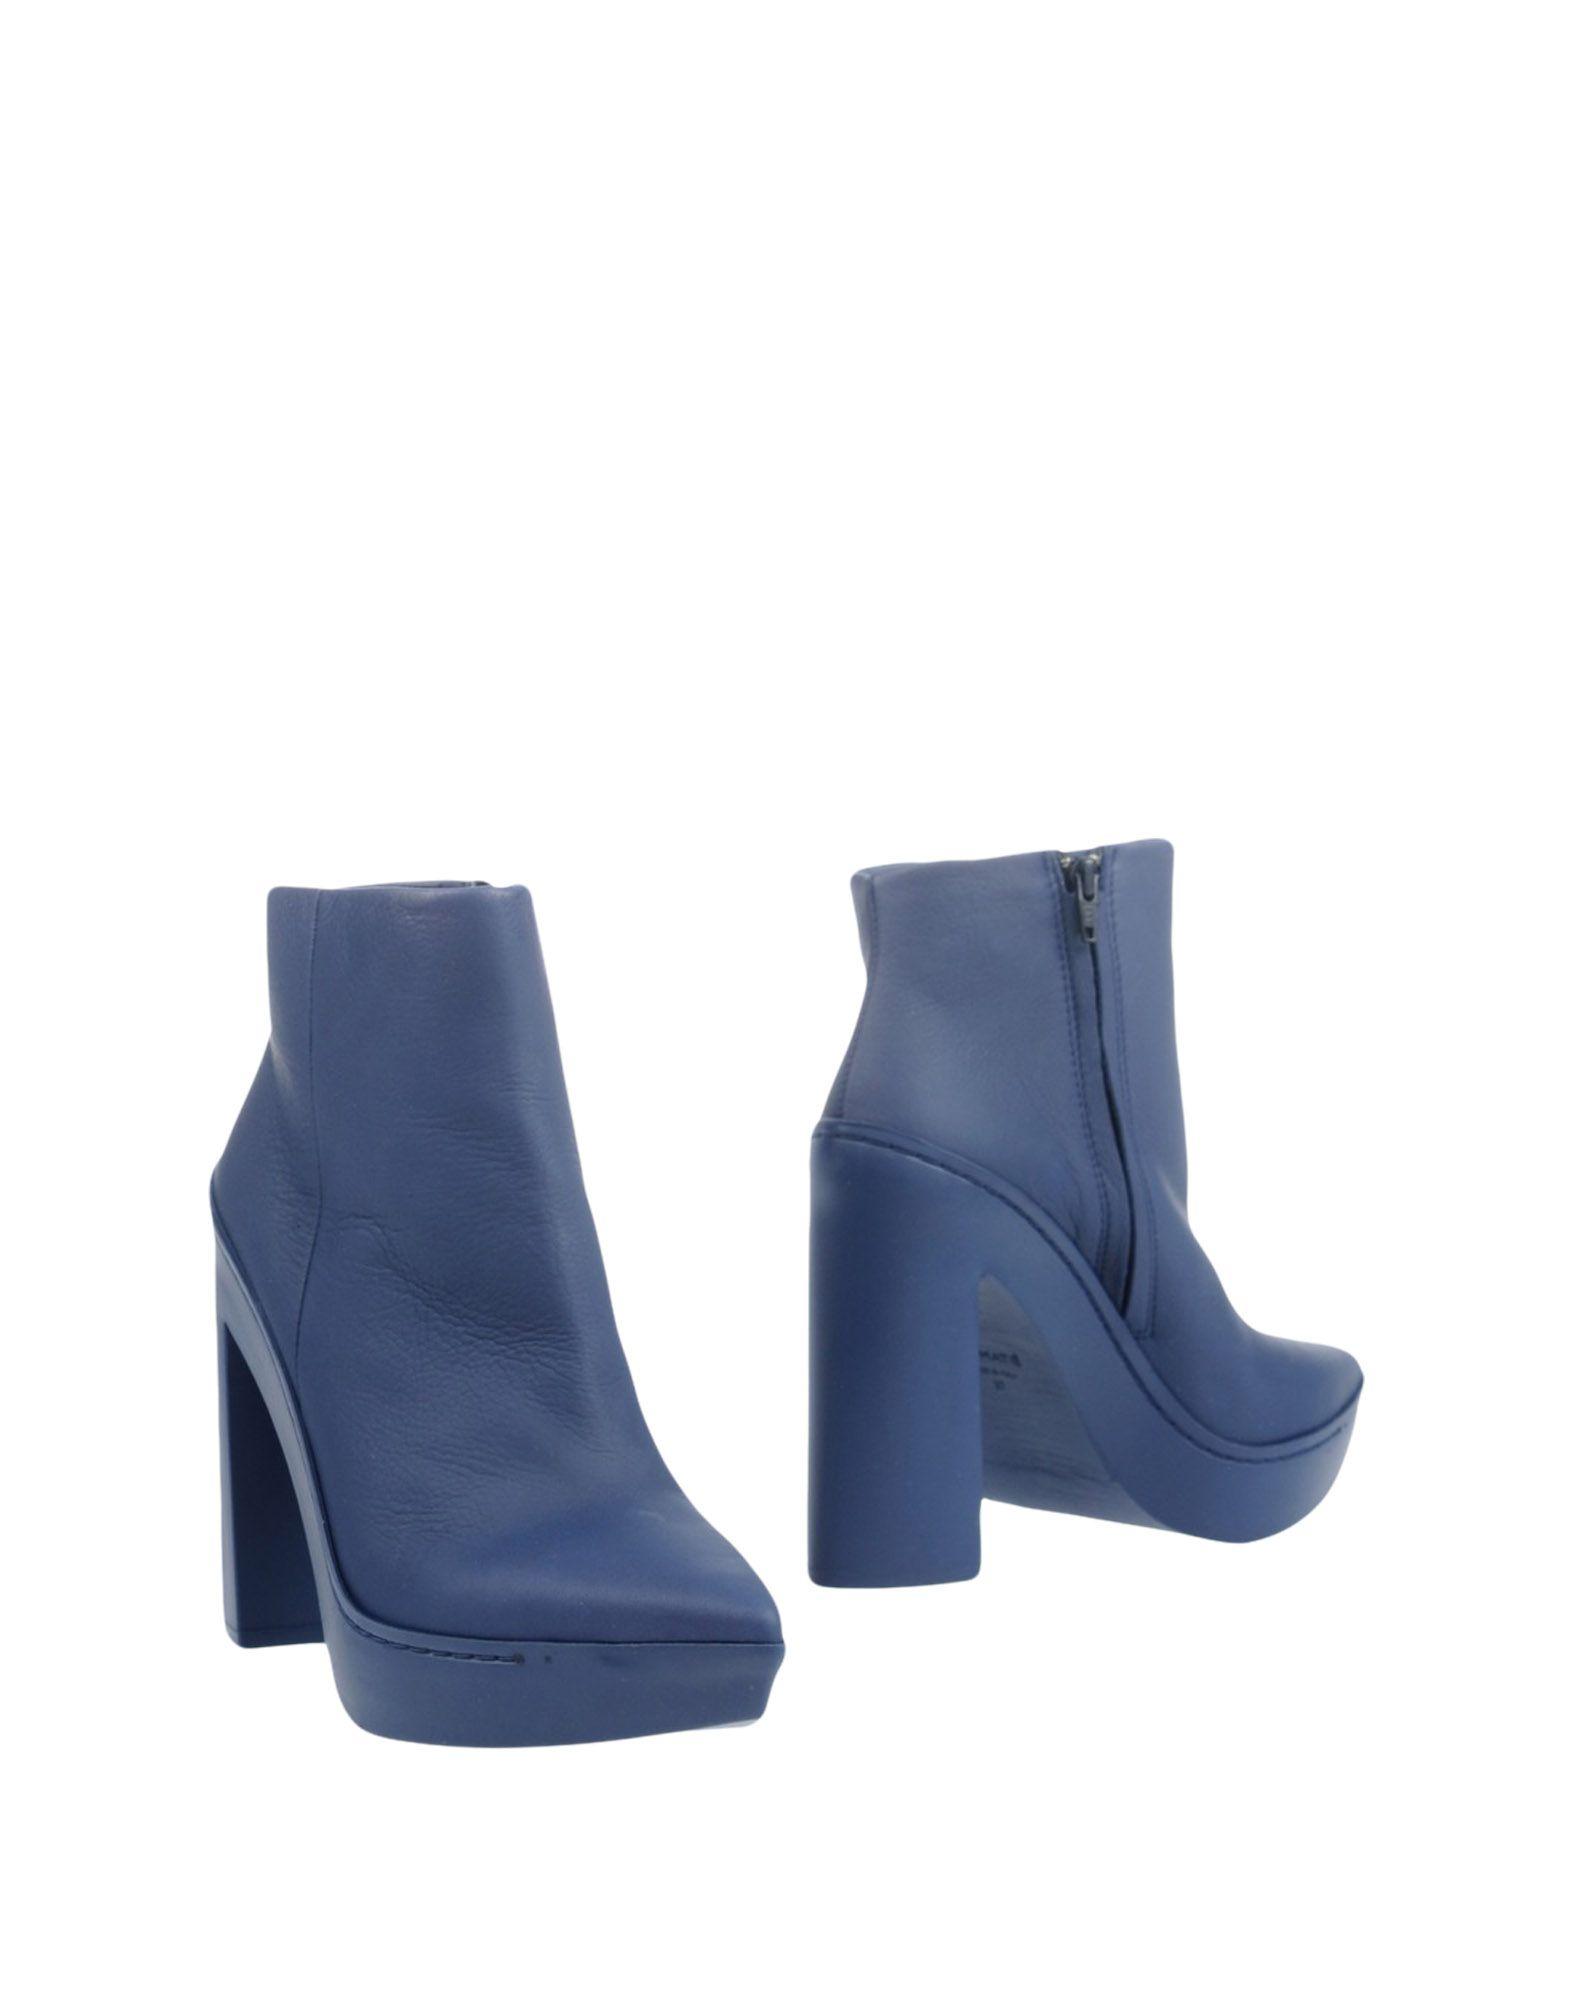 Vic Matiē 11275831QTGut Stiefelette Damen  11275831QTGut Matiē aussehende strapazierfähige Schuhe 600da0